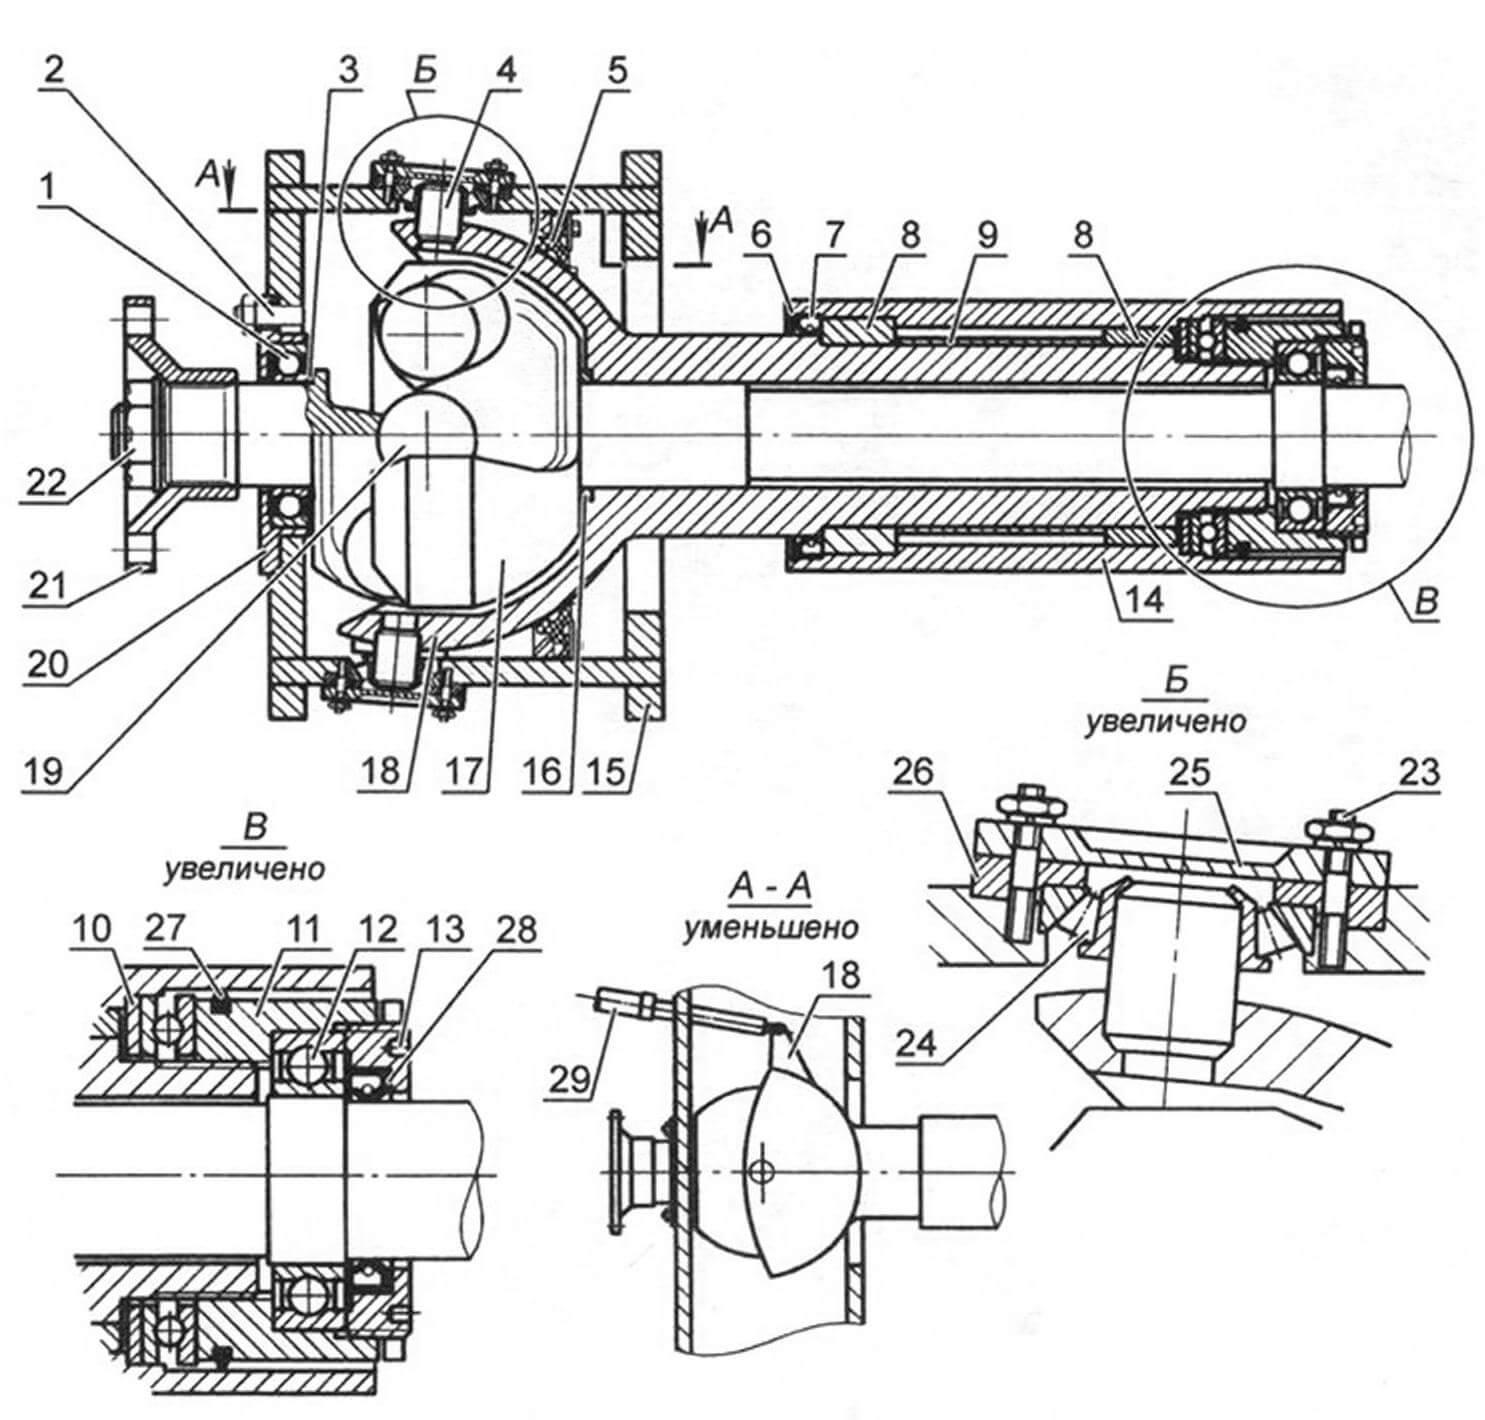 Разрез одного из вариантов ТПУ для вездехода-«переломки» на основе поворотного кулака от автомобиля УАЗ